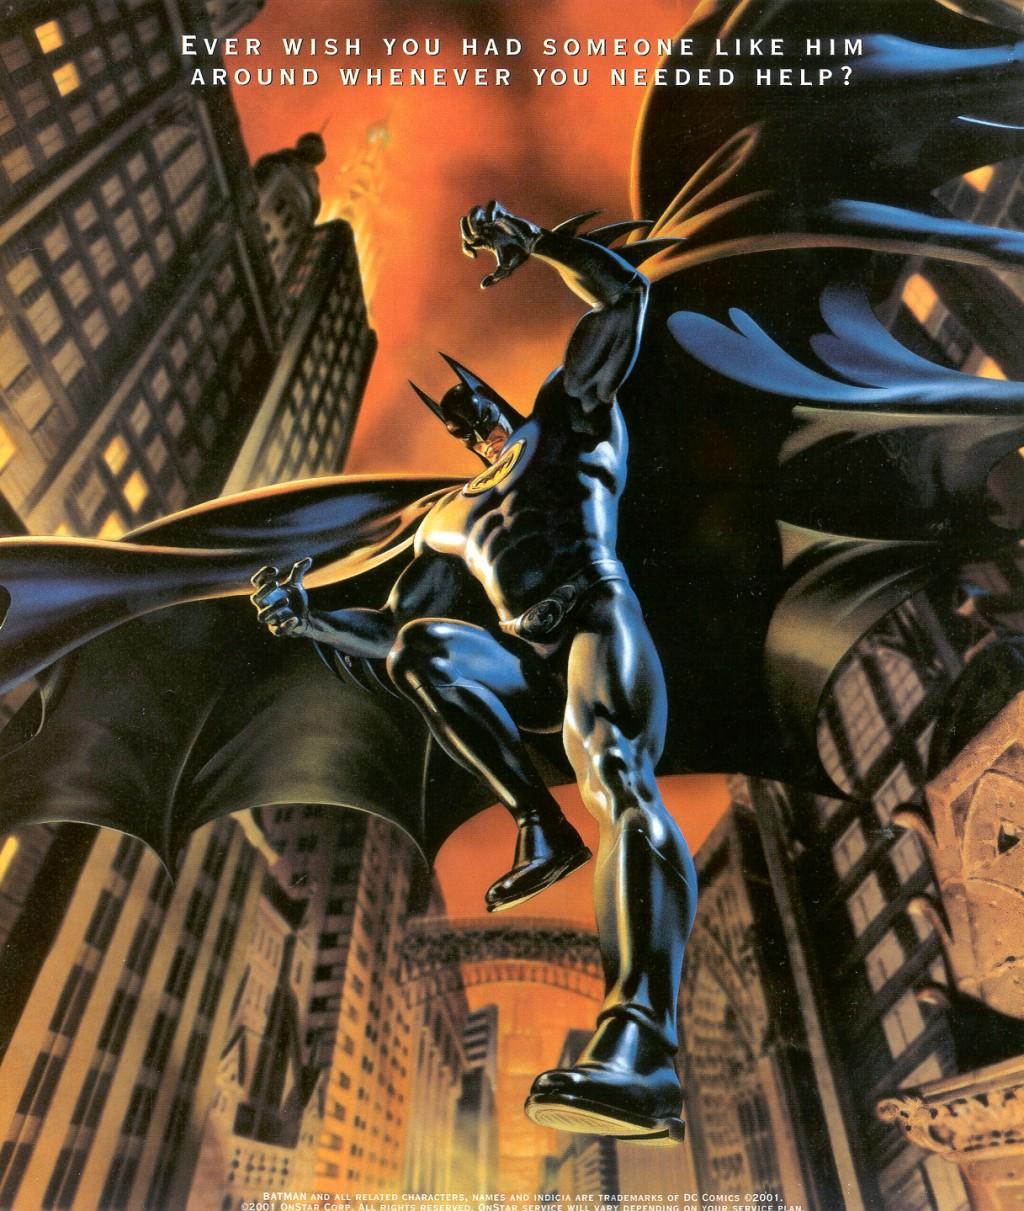 Kinzoku Bat Hd Wallpaper: XMWallpapers.com -- Wallpaper Movies Batman Bats